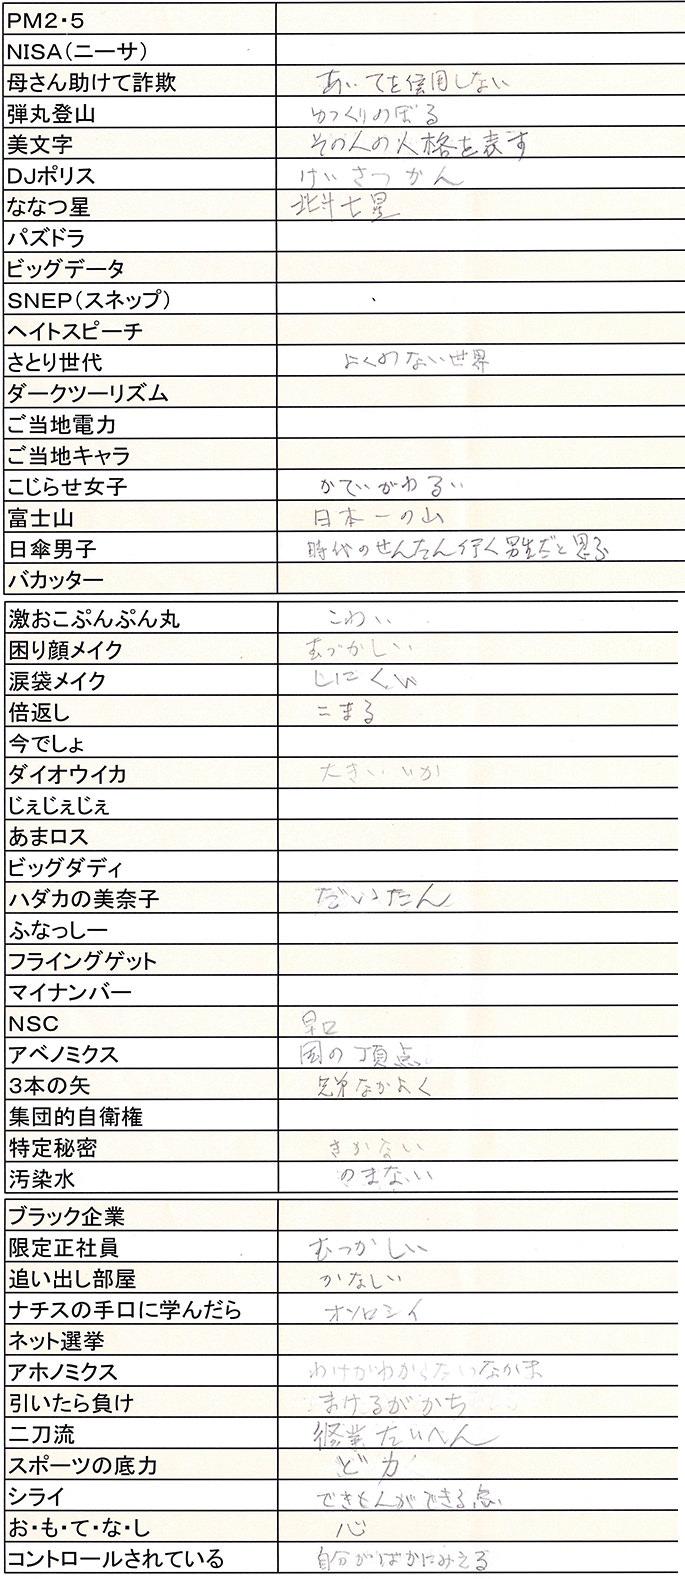 2013年流行語大賞結果